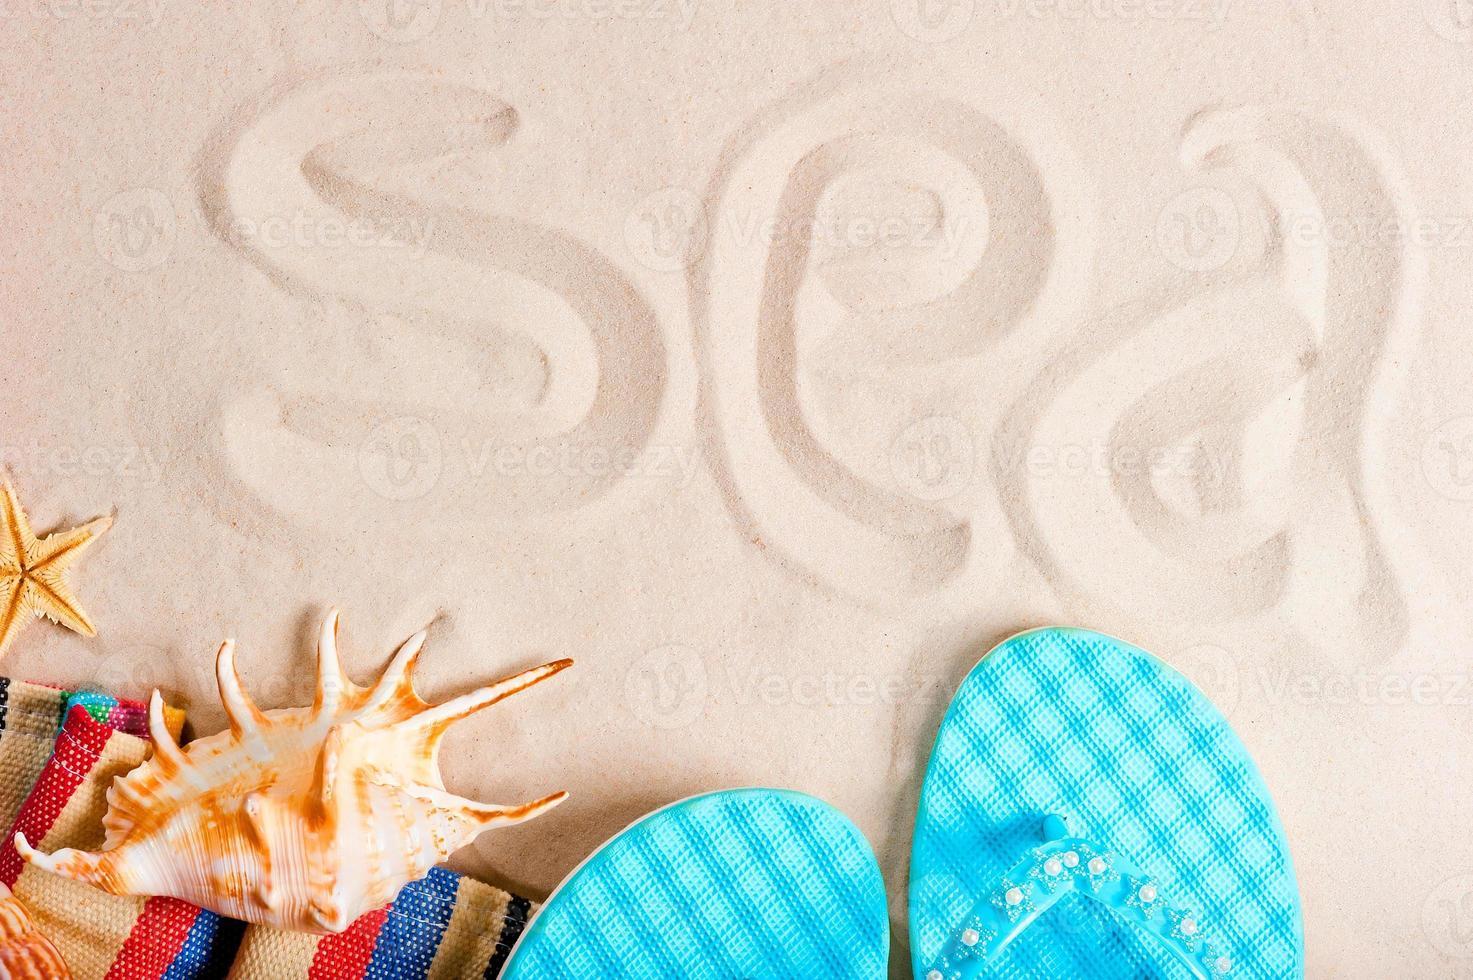 inscripción de mar en las finas arenas y parafernalia de playa foto